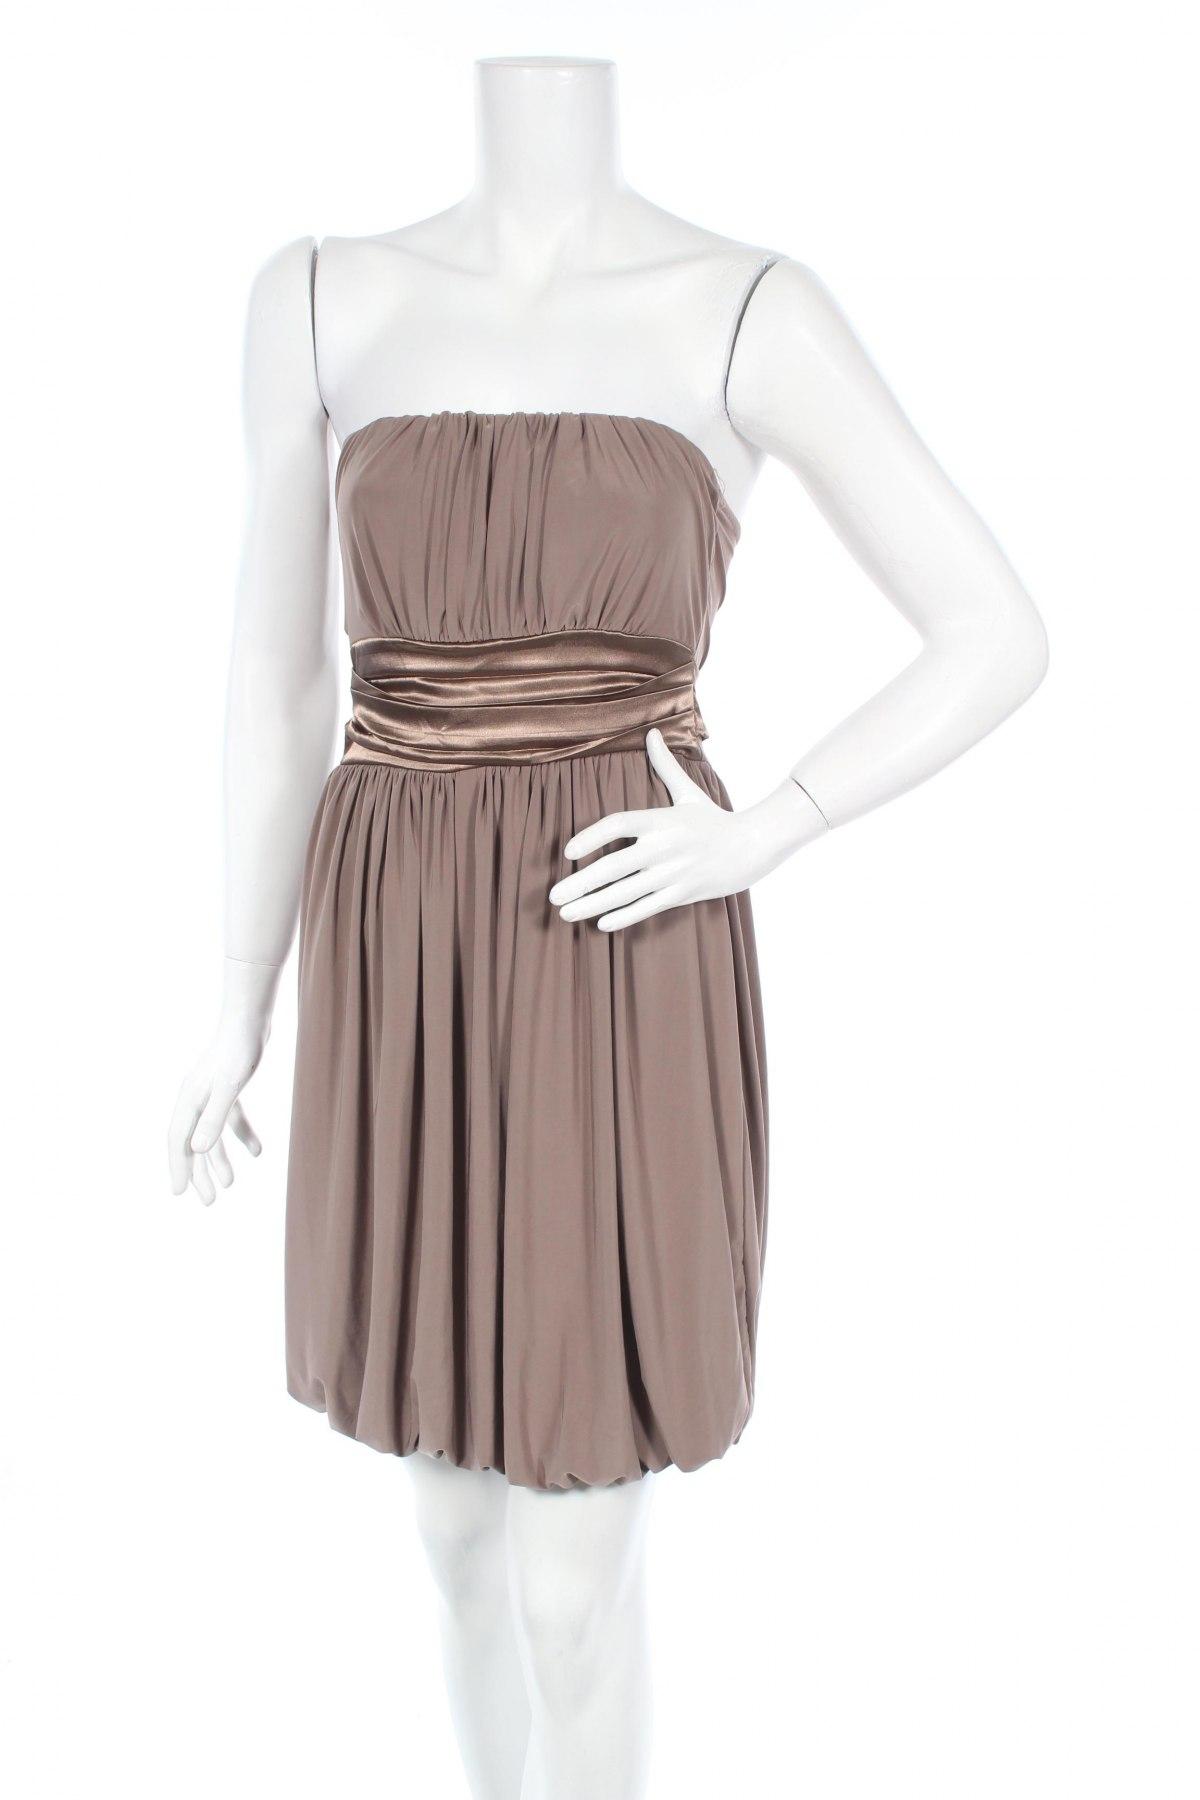 Φόρεμα Madonna, Μέγεθος S, Χρώμα Καφέ, 95% πολυεστέρας, 5% ελαστάνη, Τιμή 4,46€